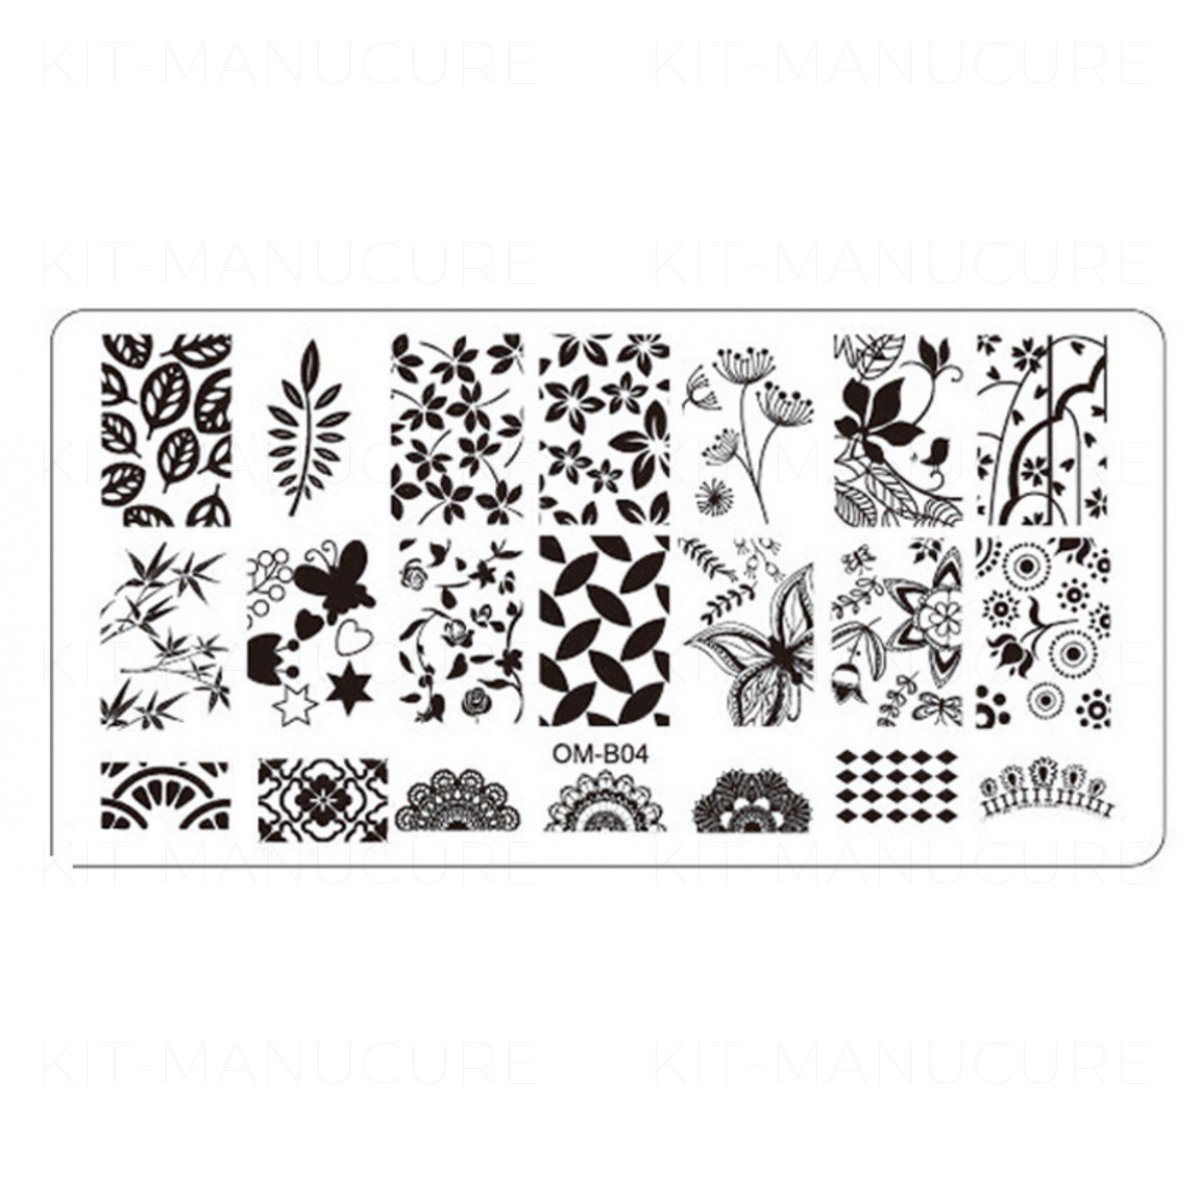 https://www.kit-manucure.com/2218-thickbox_default/plaque-de-stamping-nail-art-feuilles-feuillage-arabesques-et-papillon-omb04.jpg